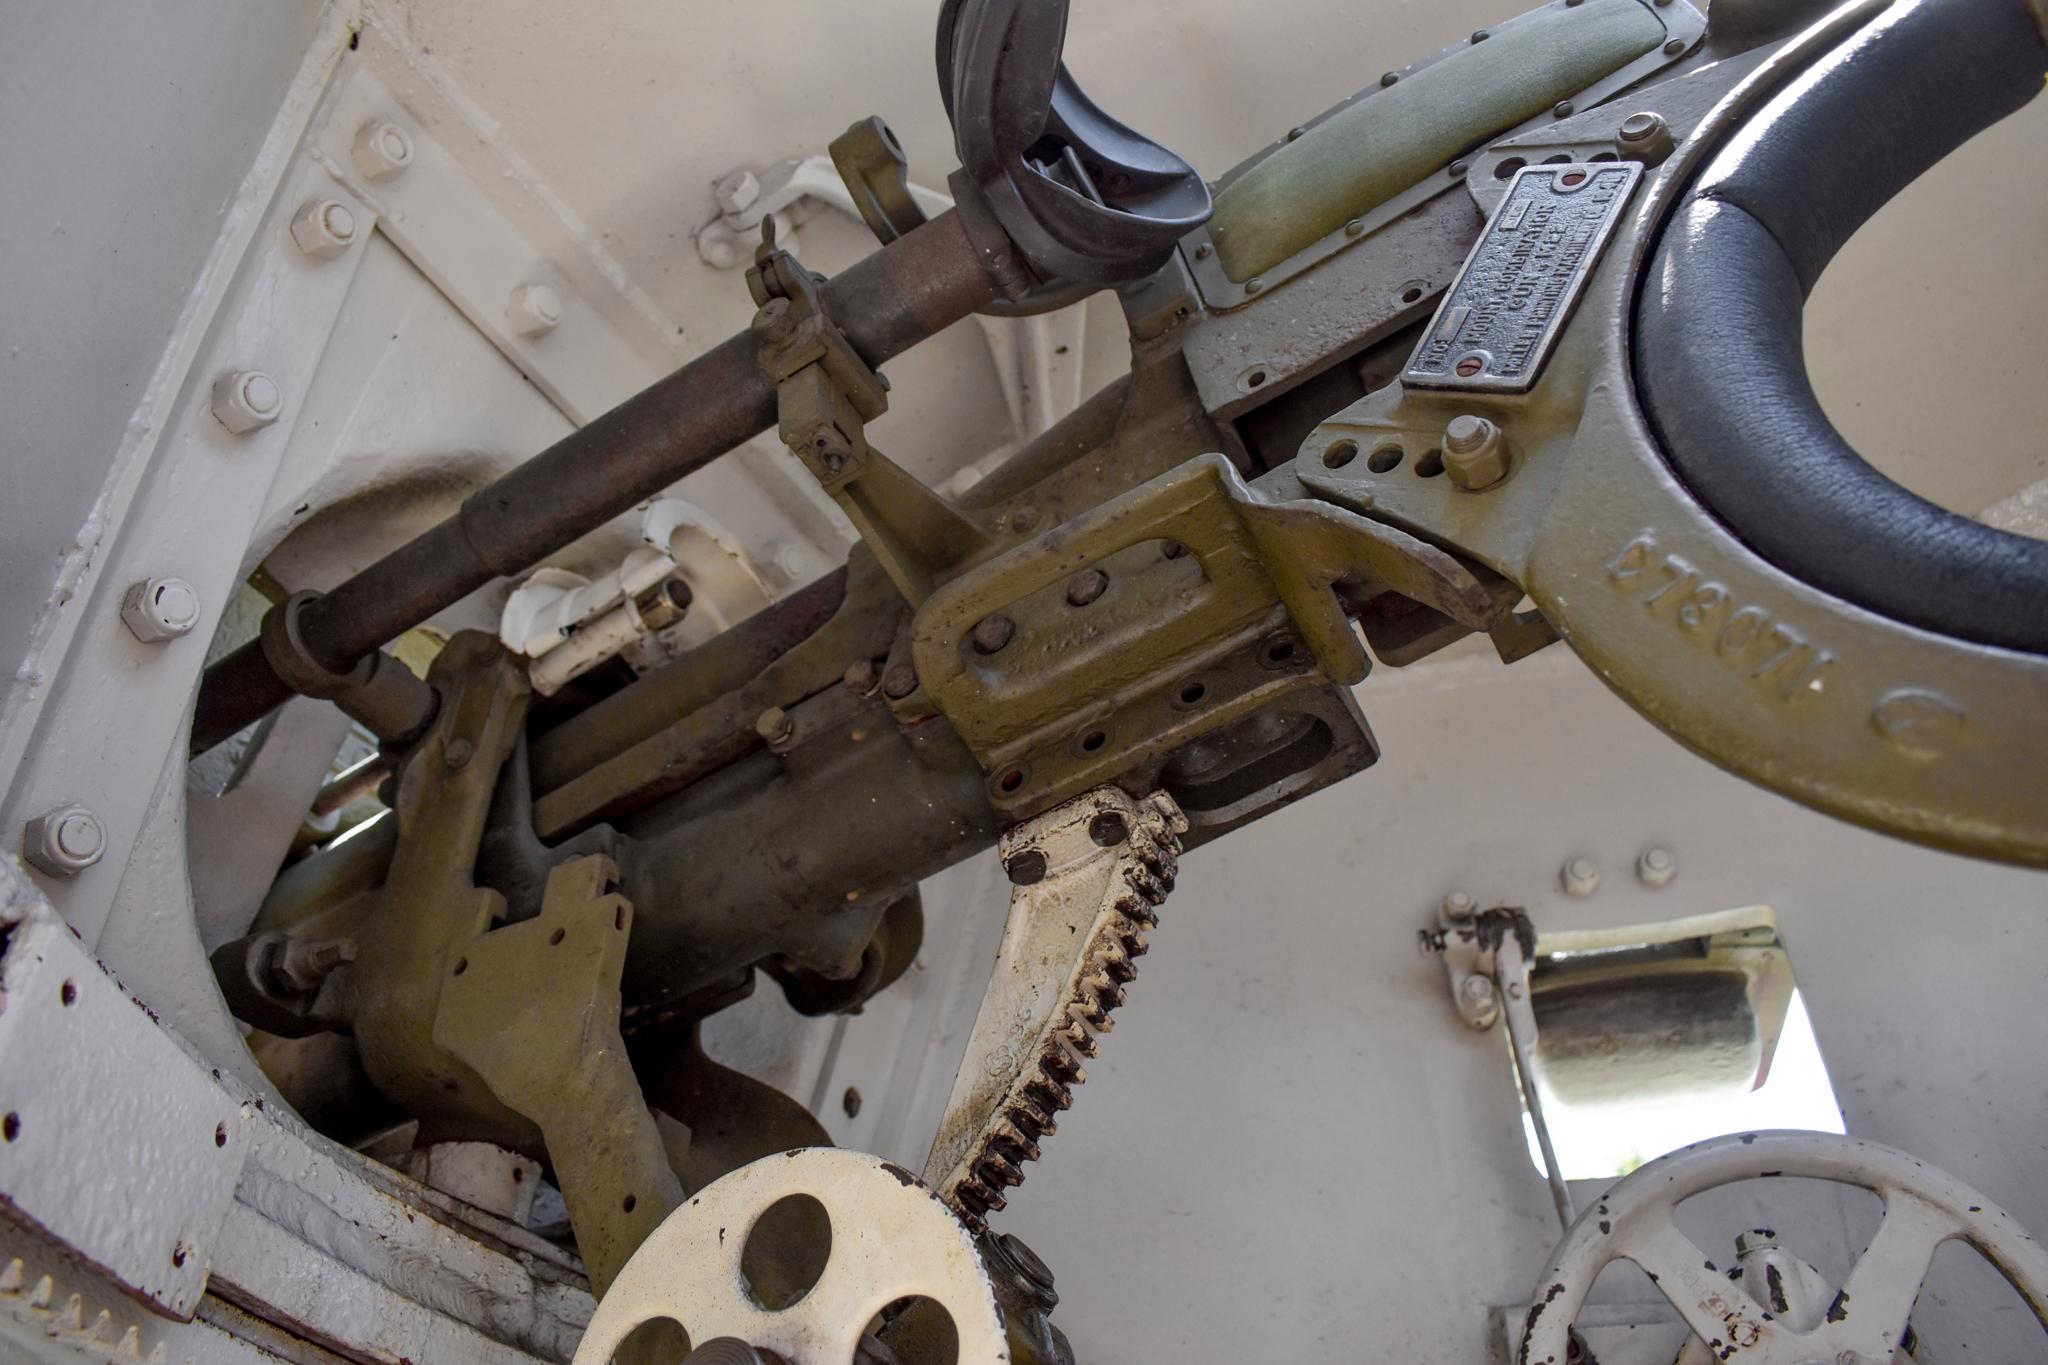 1941 M3 Stuart Tank gun close